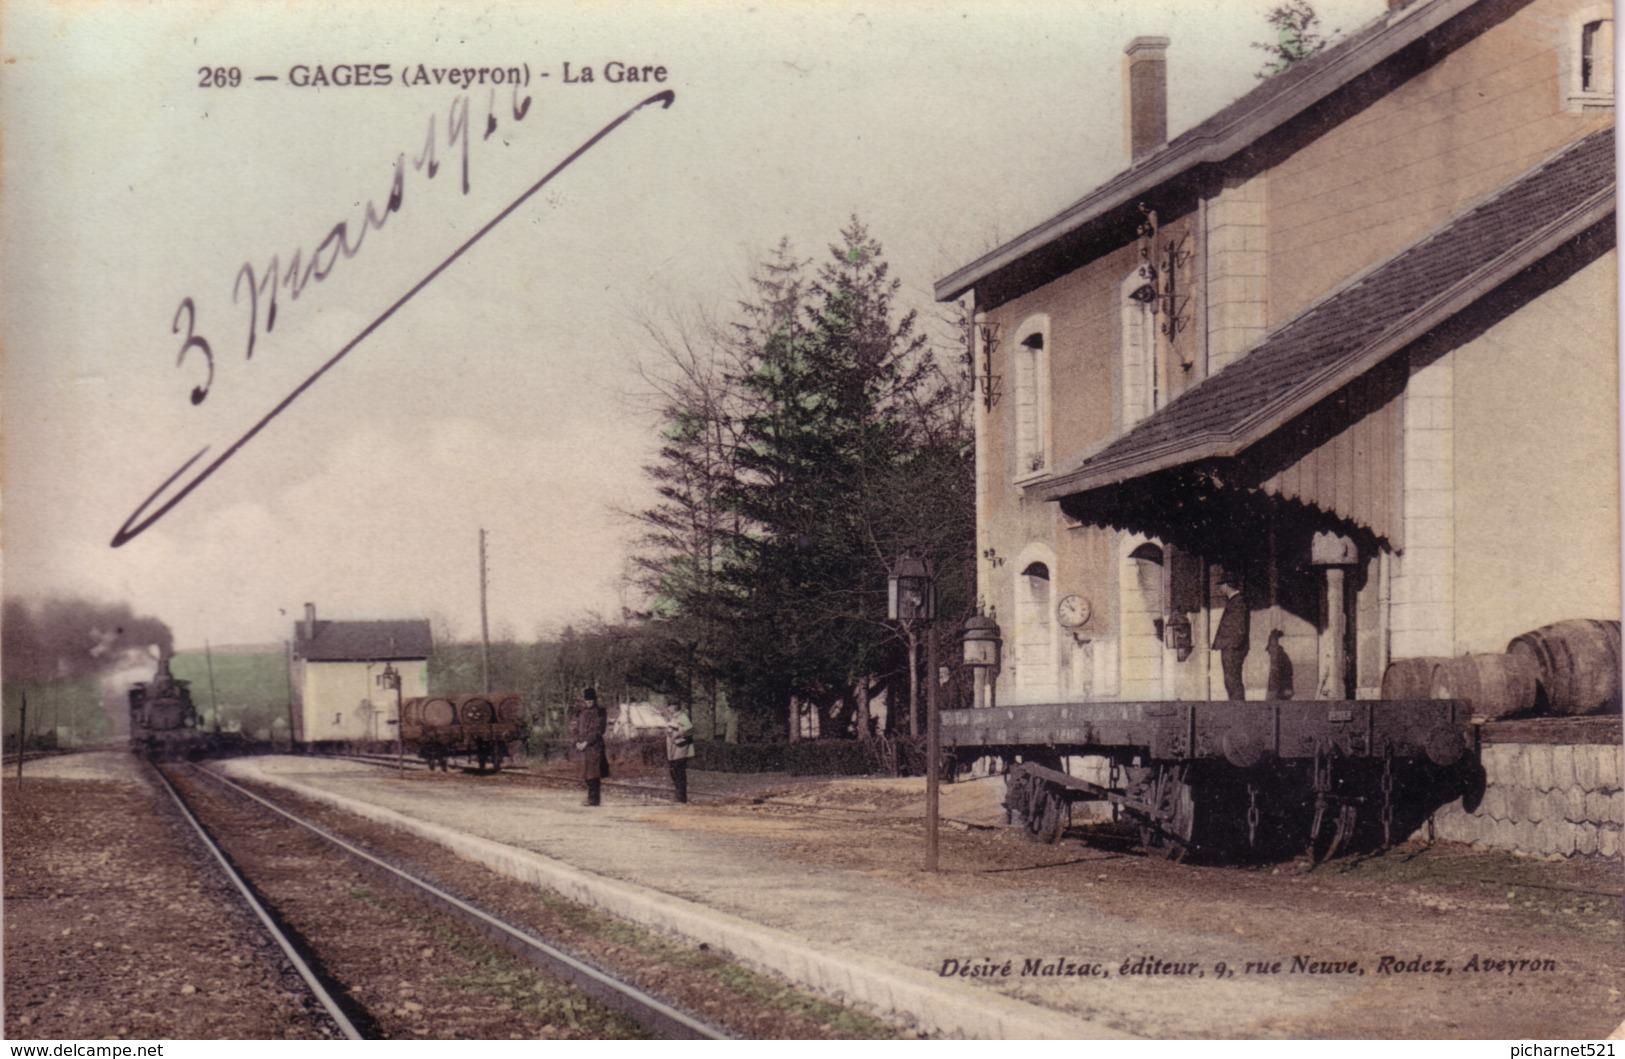 CPA De GAGES (Aveyron) - La Gare. Colorisée, Vernie. Edition Désiré Malzac. N° 269. Circulée Le 3 Mars 1916. Bon état. - France